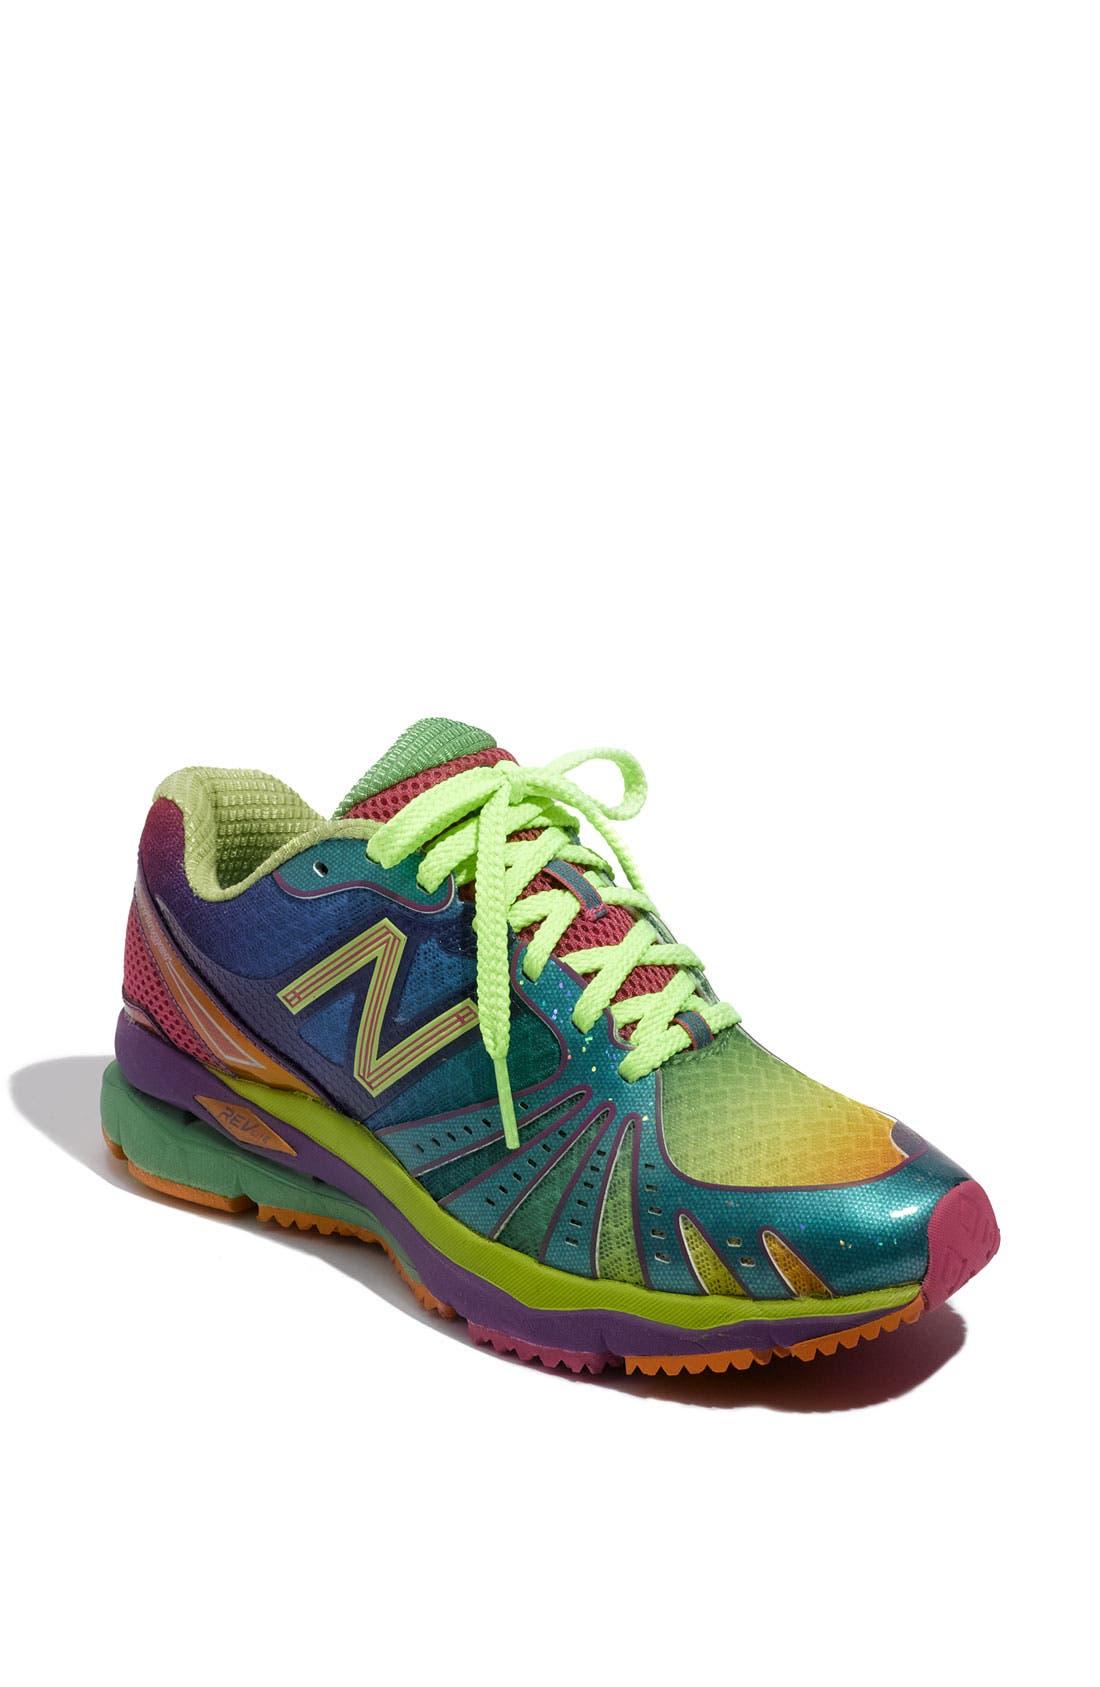 New Balance '890' Rainbow Running Shoe